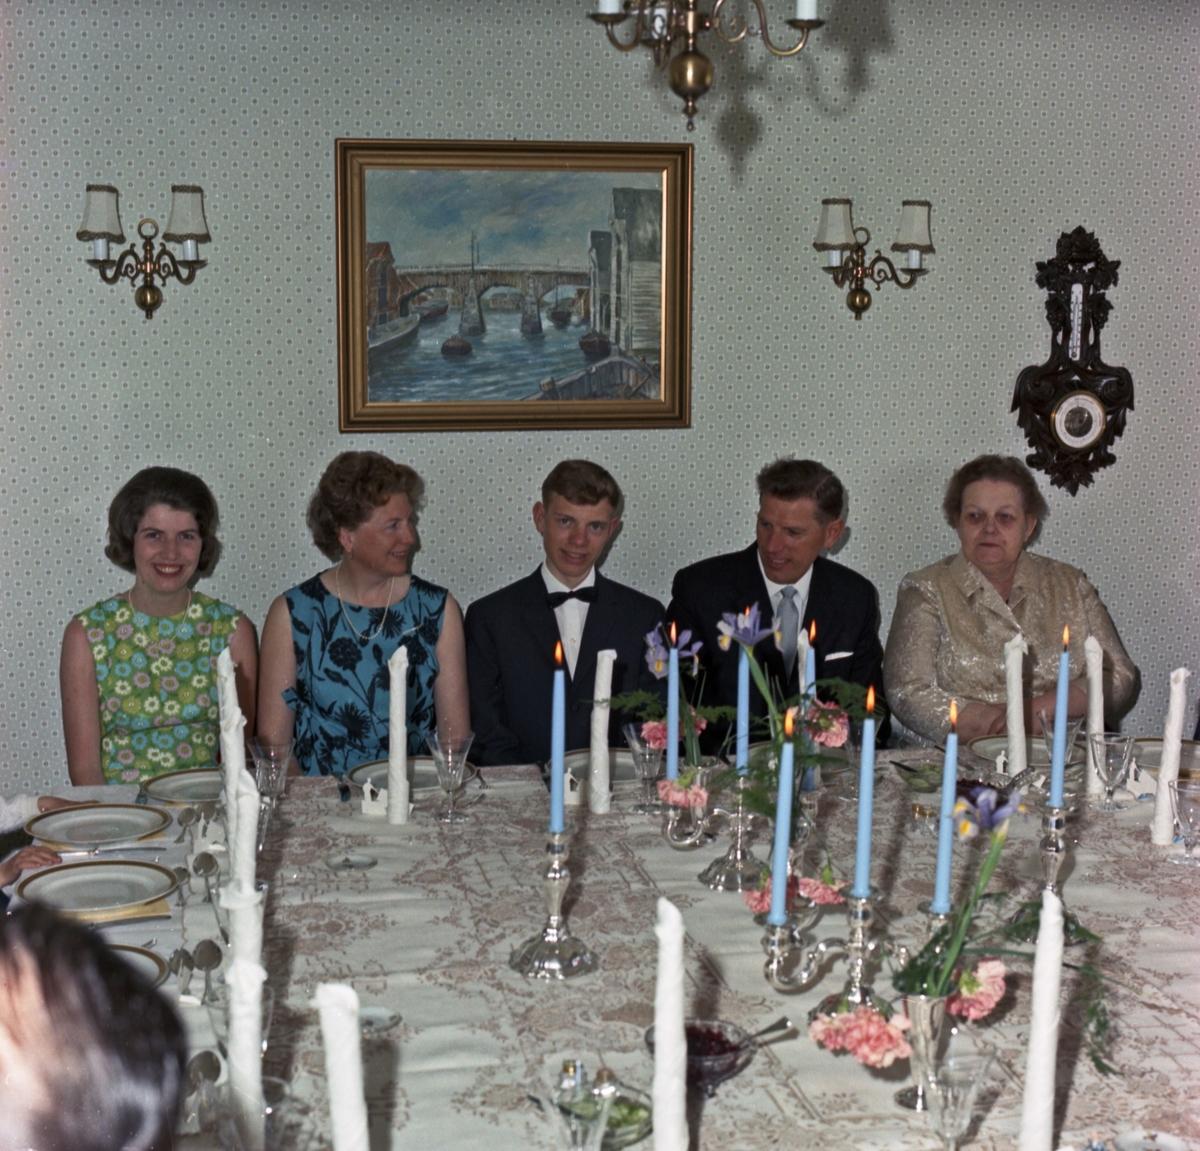 Portrett familieselskap, flere generasjoner samlet til feiring - bestiller Einar Walstrøm